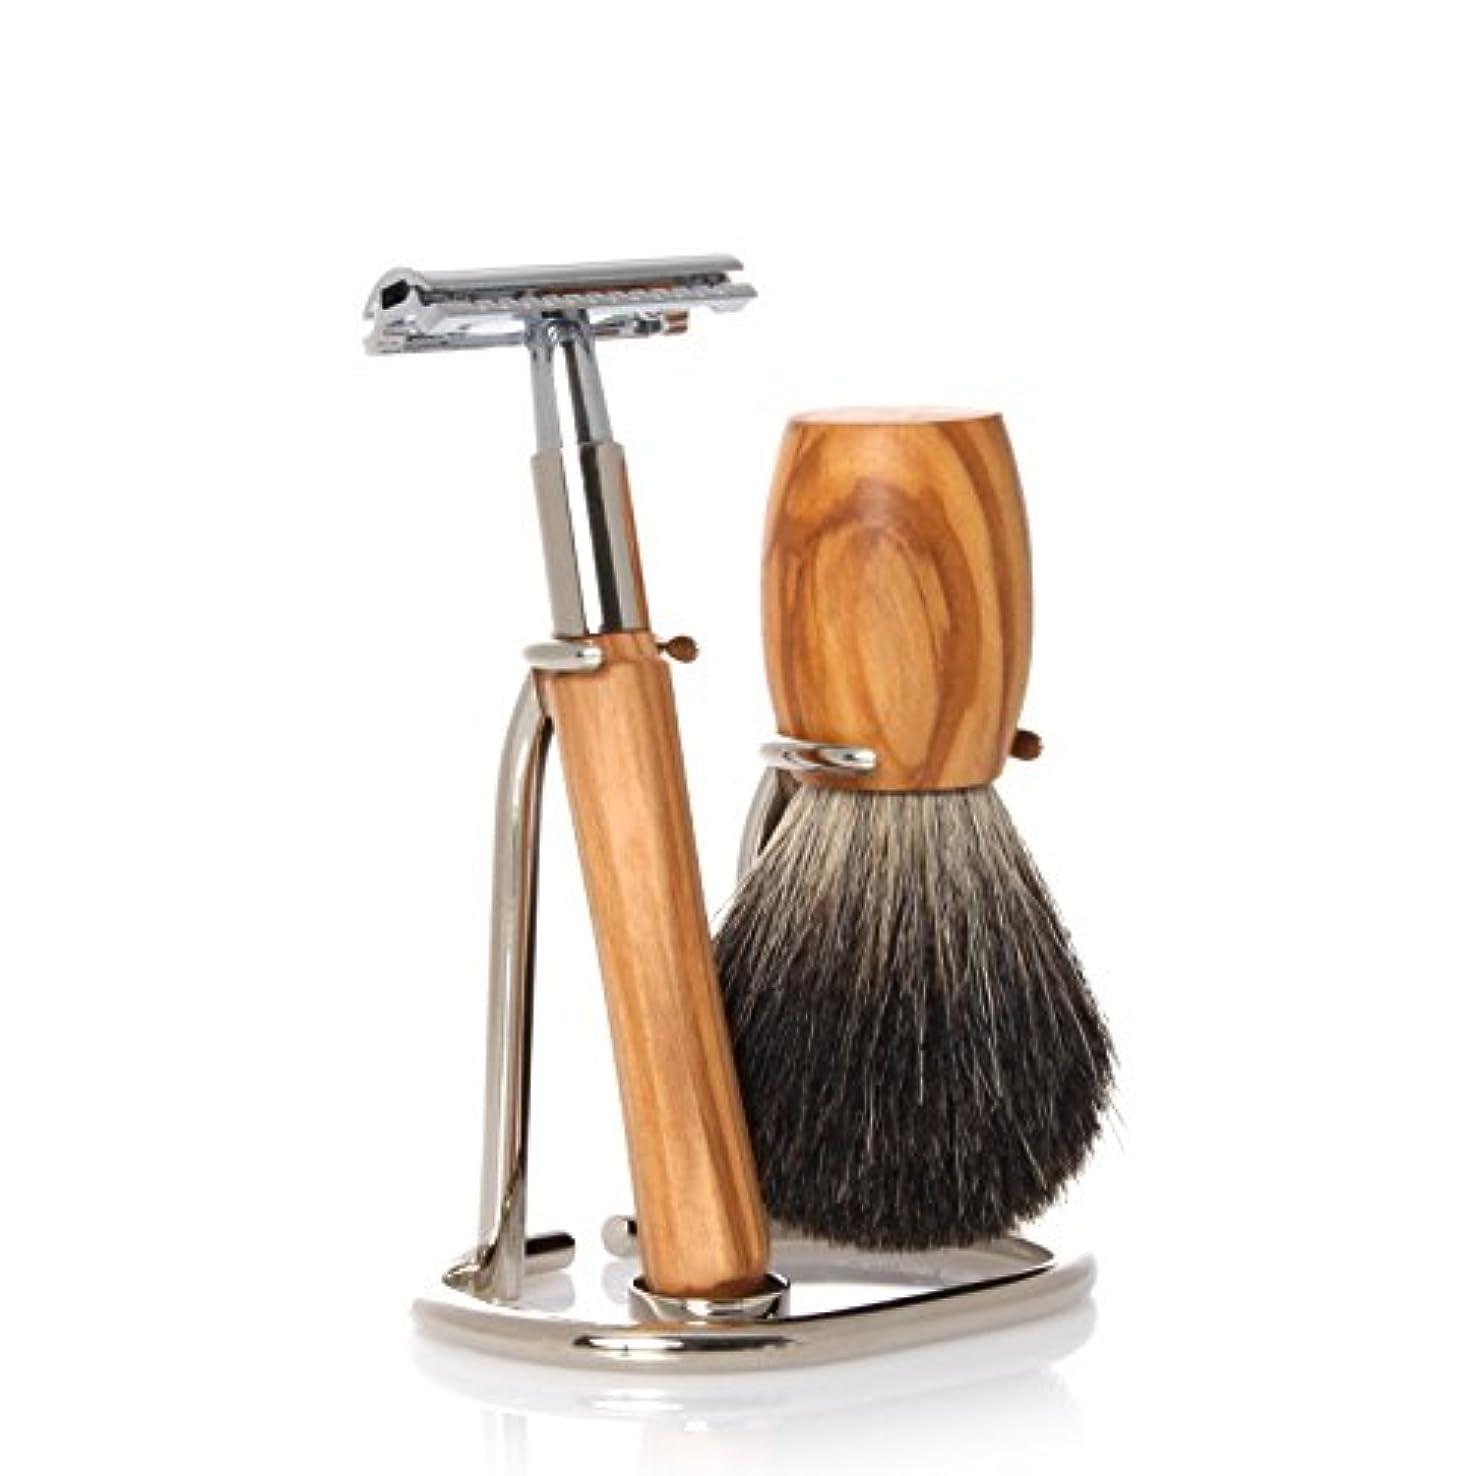 正義ゲートフィッティングGOLDDACHS Shaving Set, Safety razor, 100% badger hair, olive wood